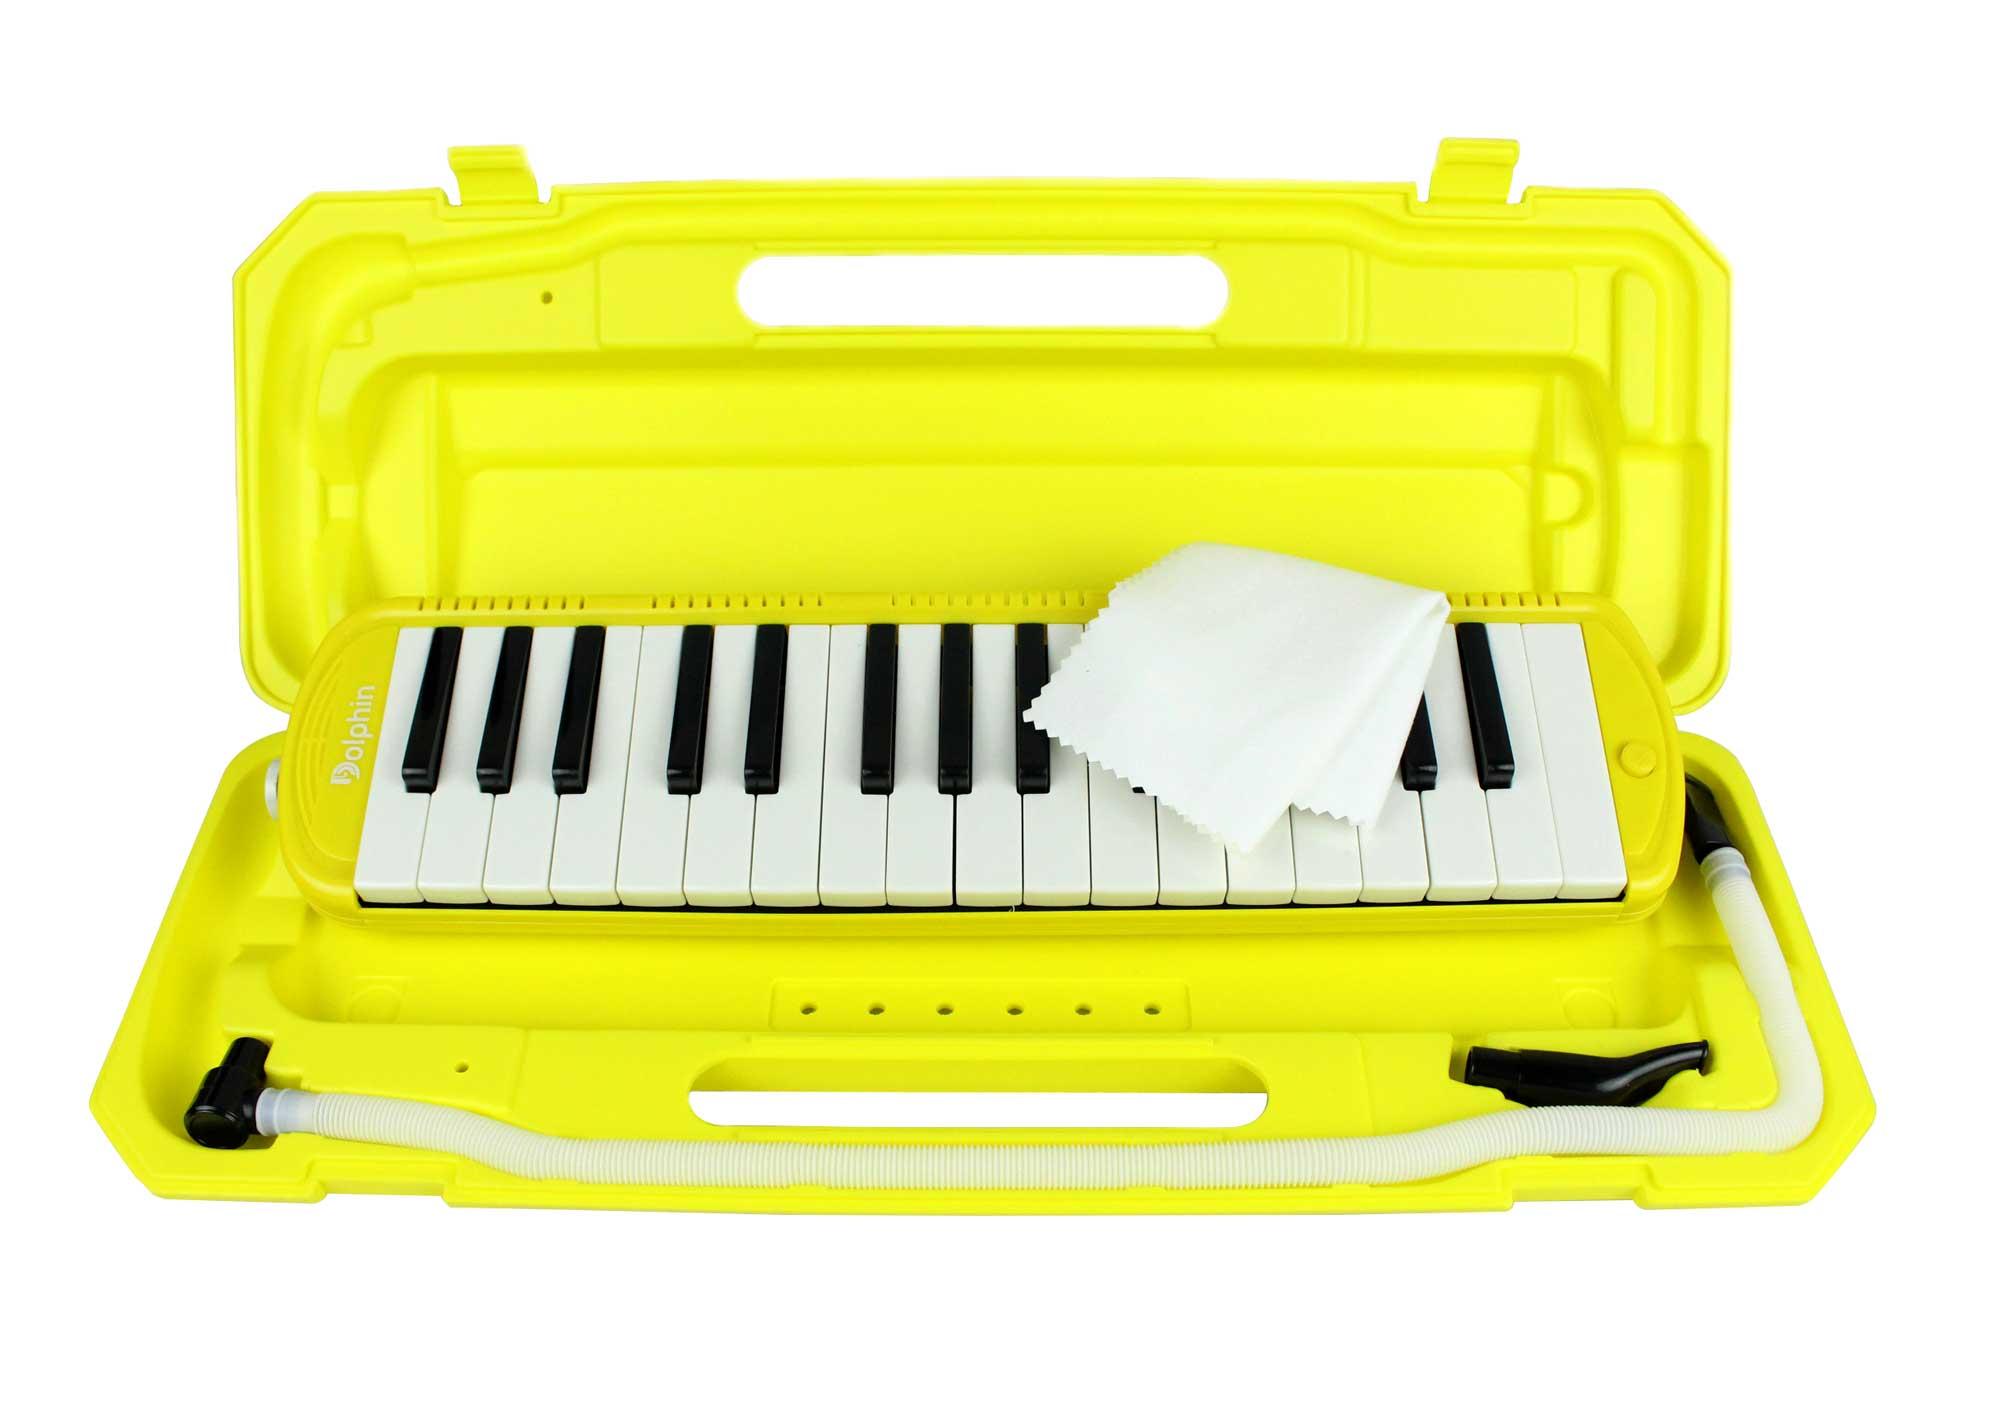 Escaleta melodica de 32 teclas na cor amarela | Alcance de F a C | Dolphin | ESCALETA32AM